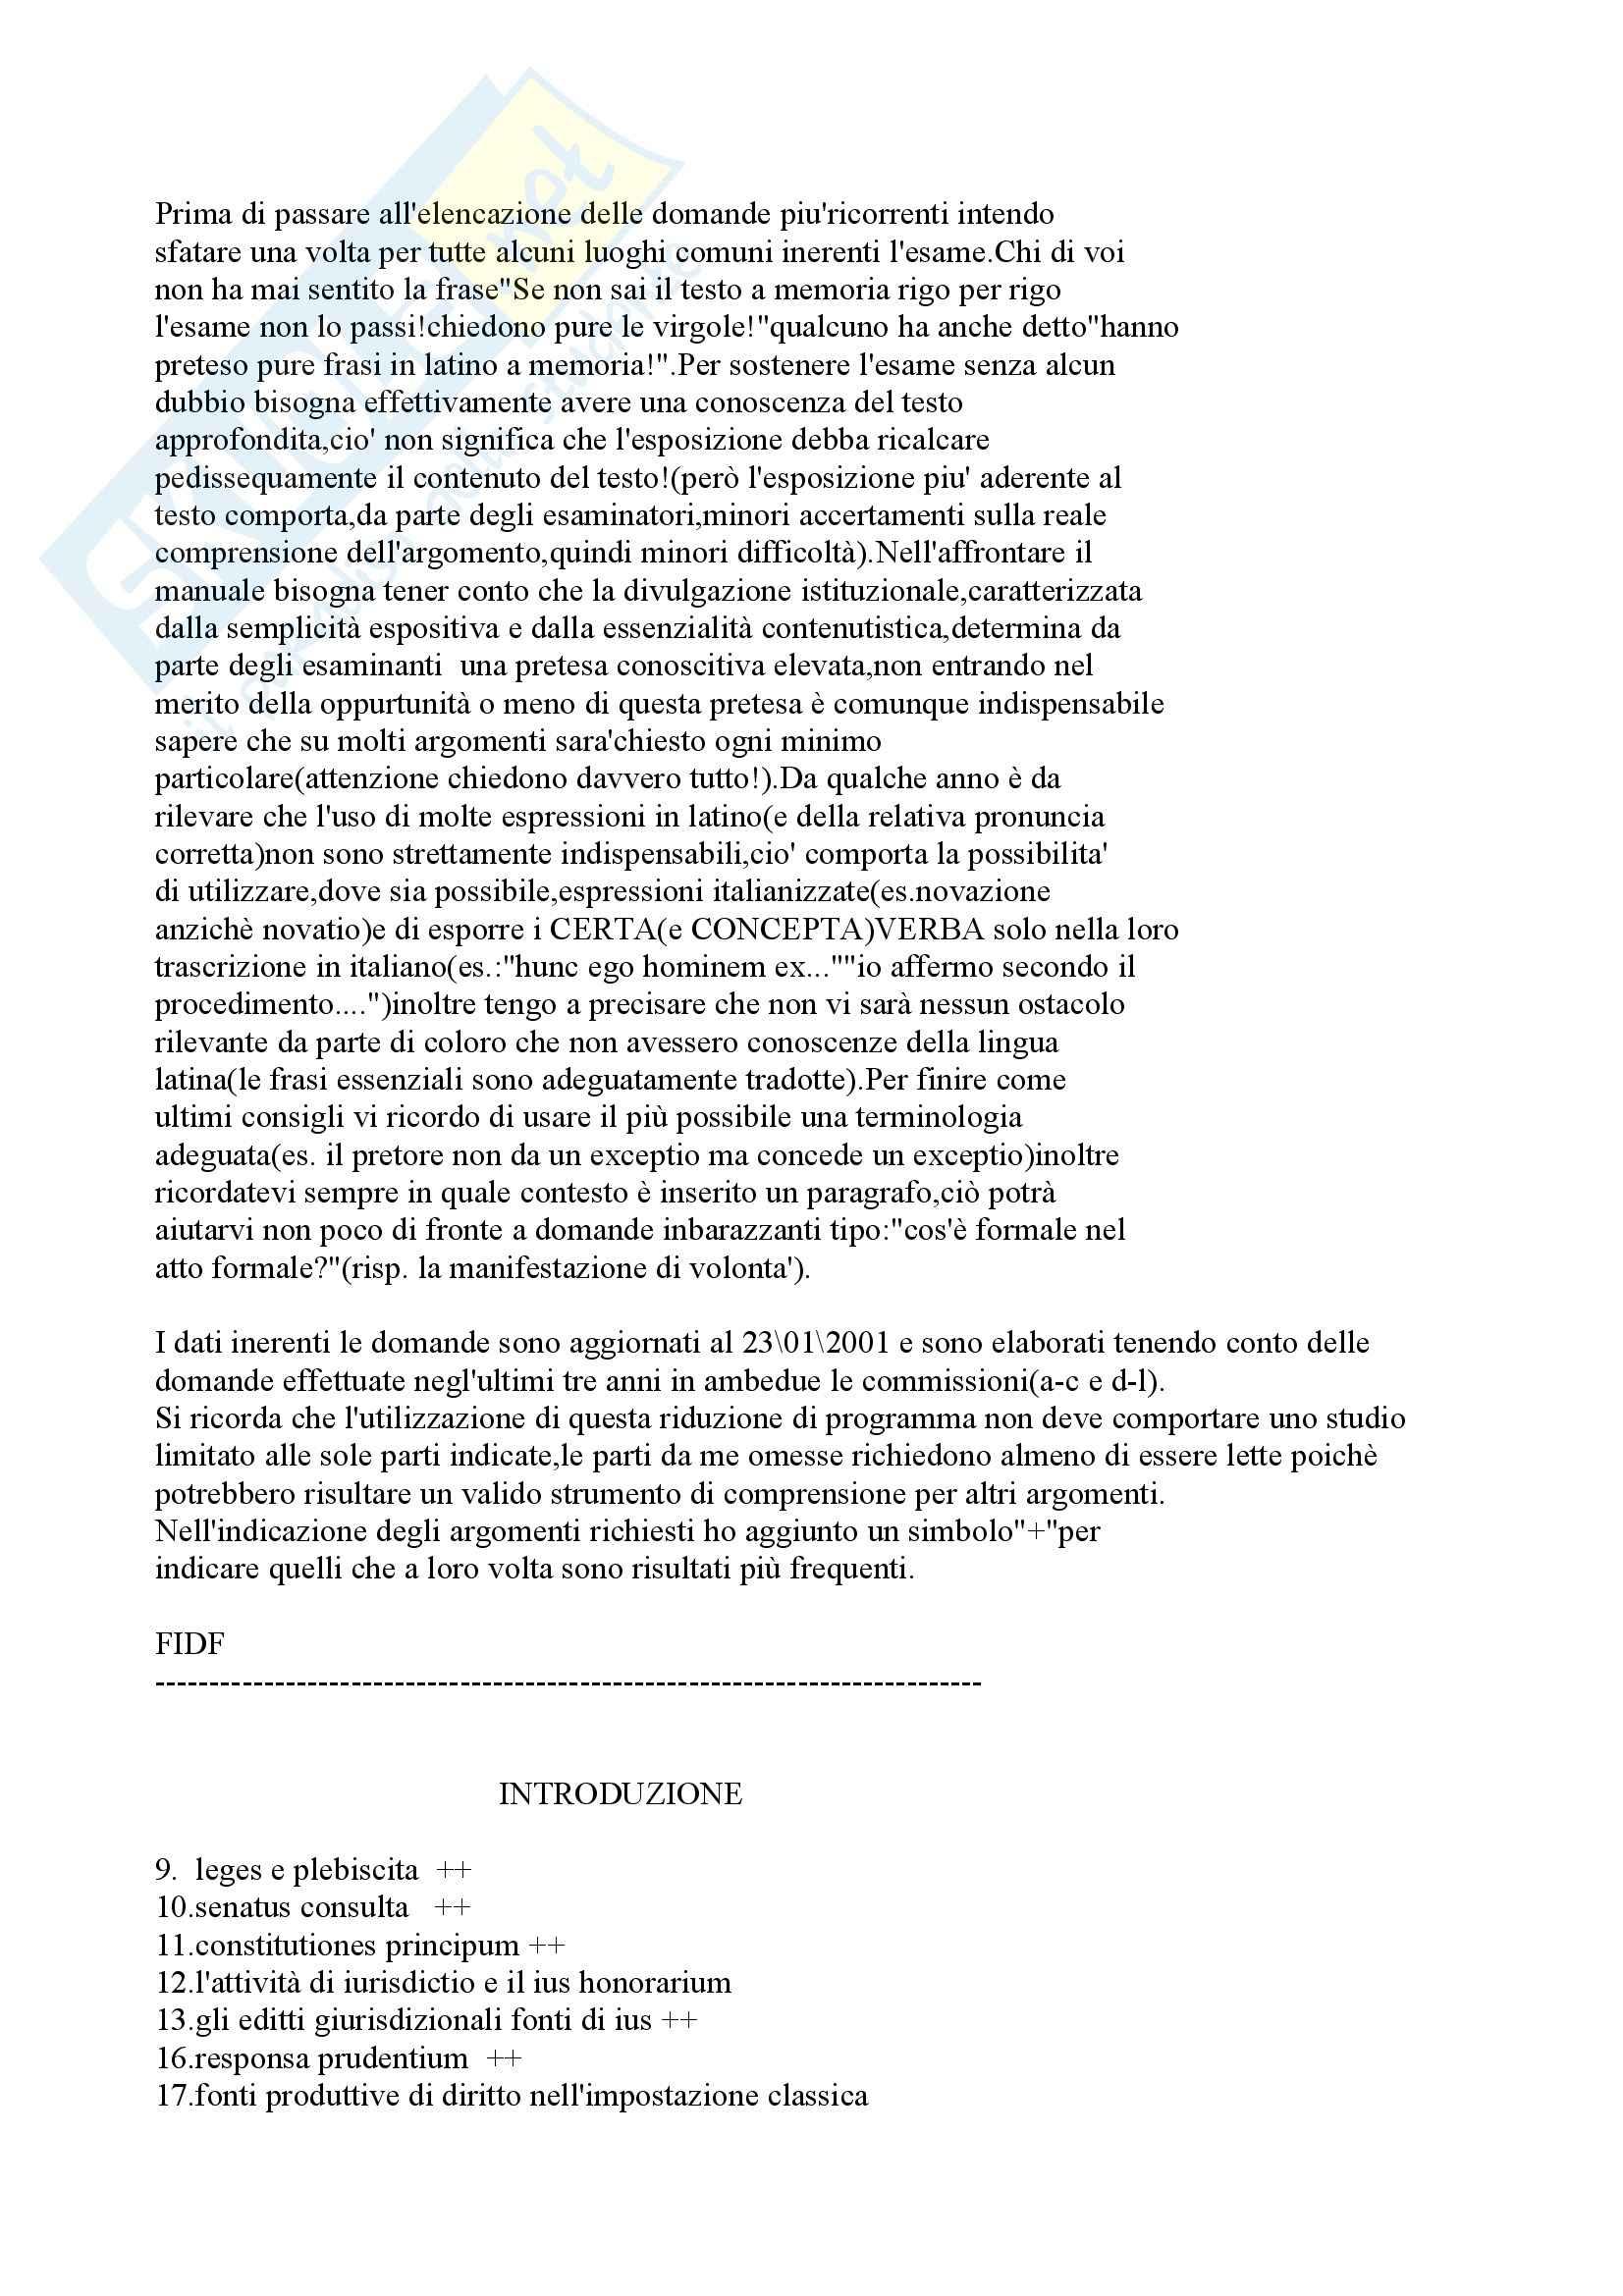 Istituzioni di diritto romano - Appunti